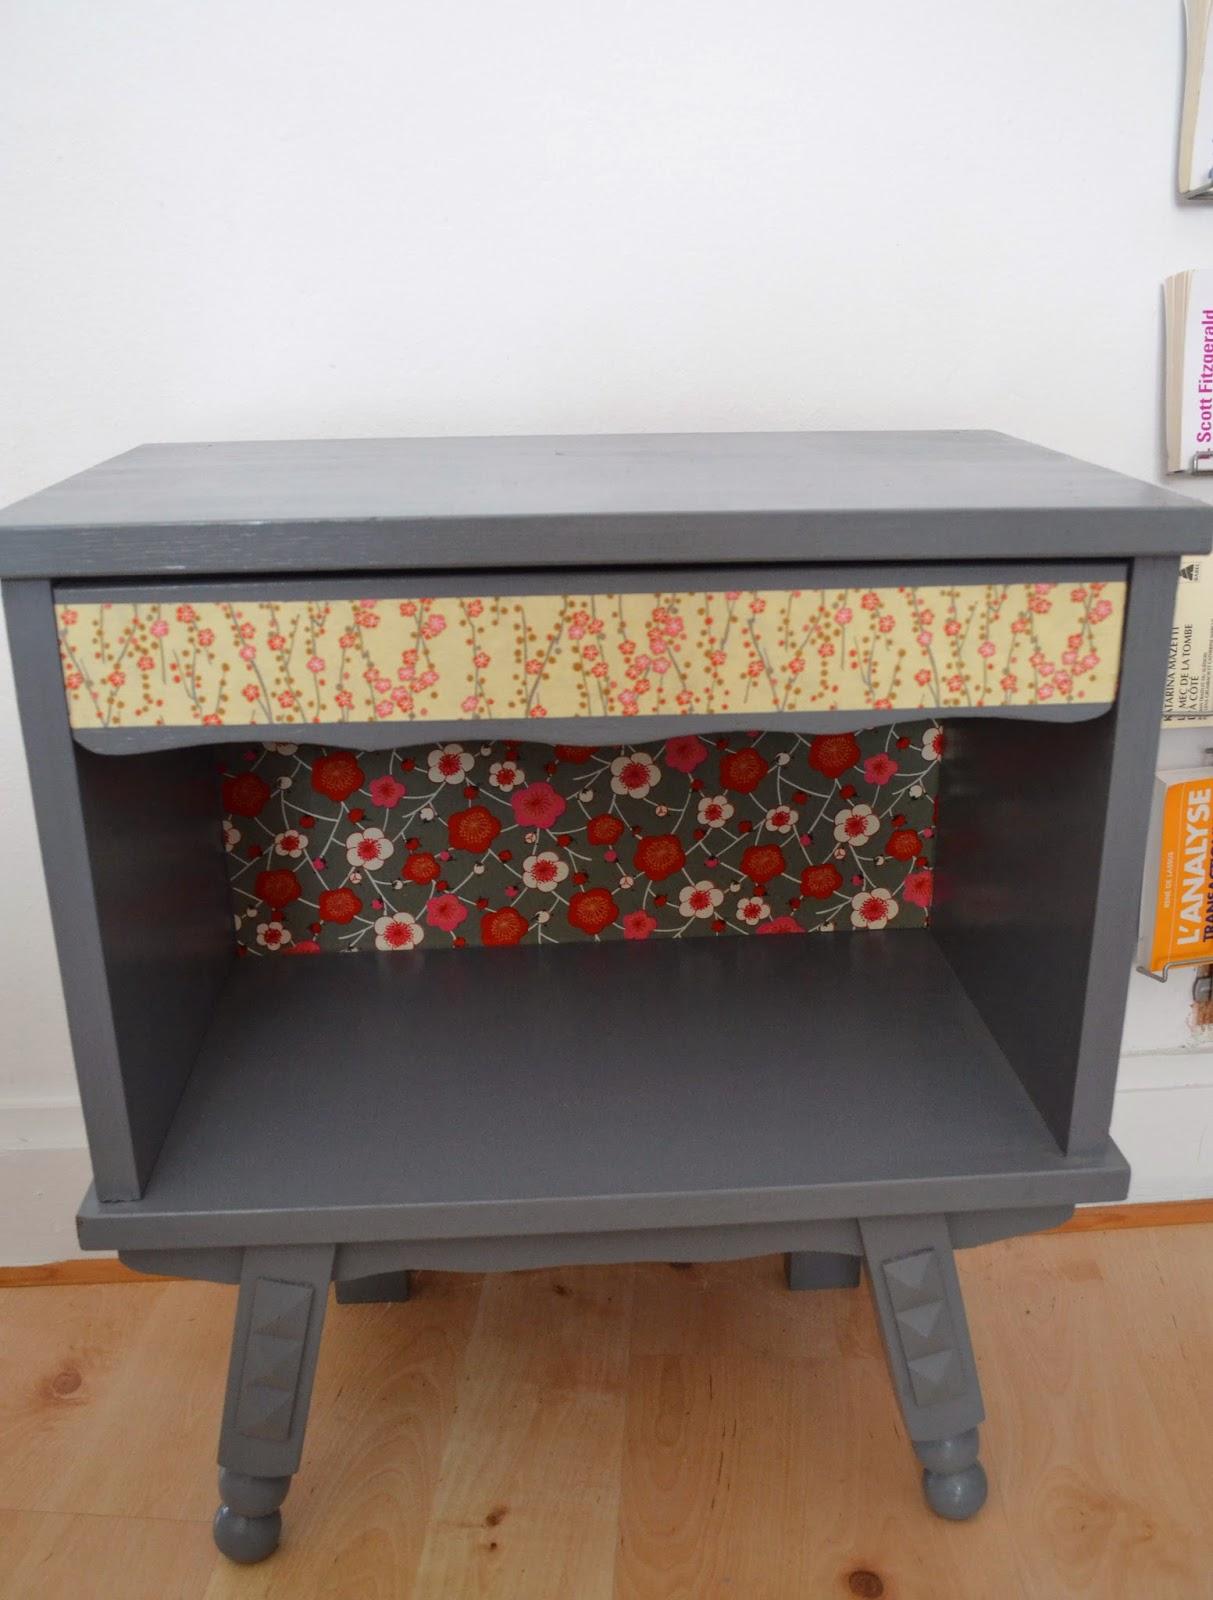 les vieilleries pr sent la table de nuit relook e fa on tv r tro. Black Bedroom Furniture Sets. Home Design Ideas